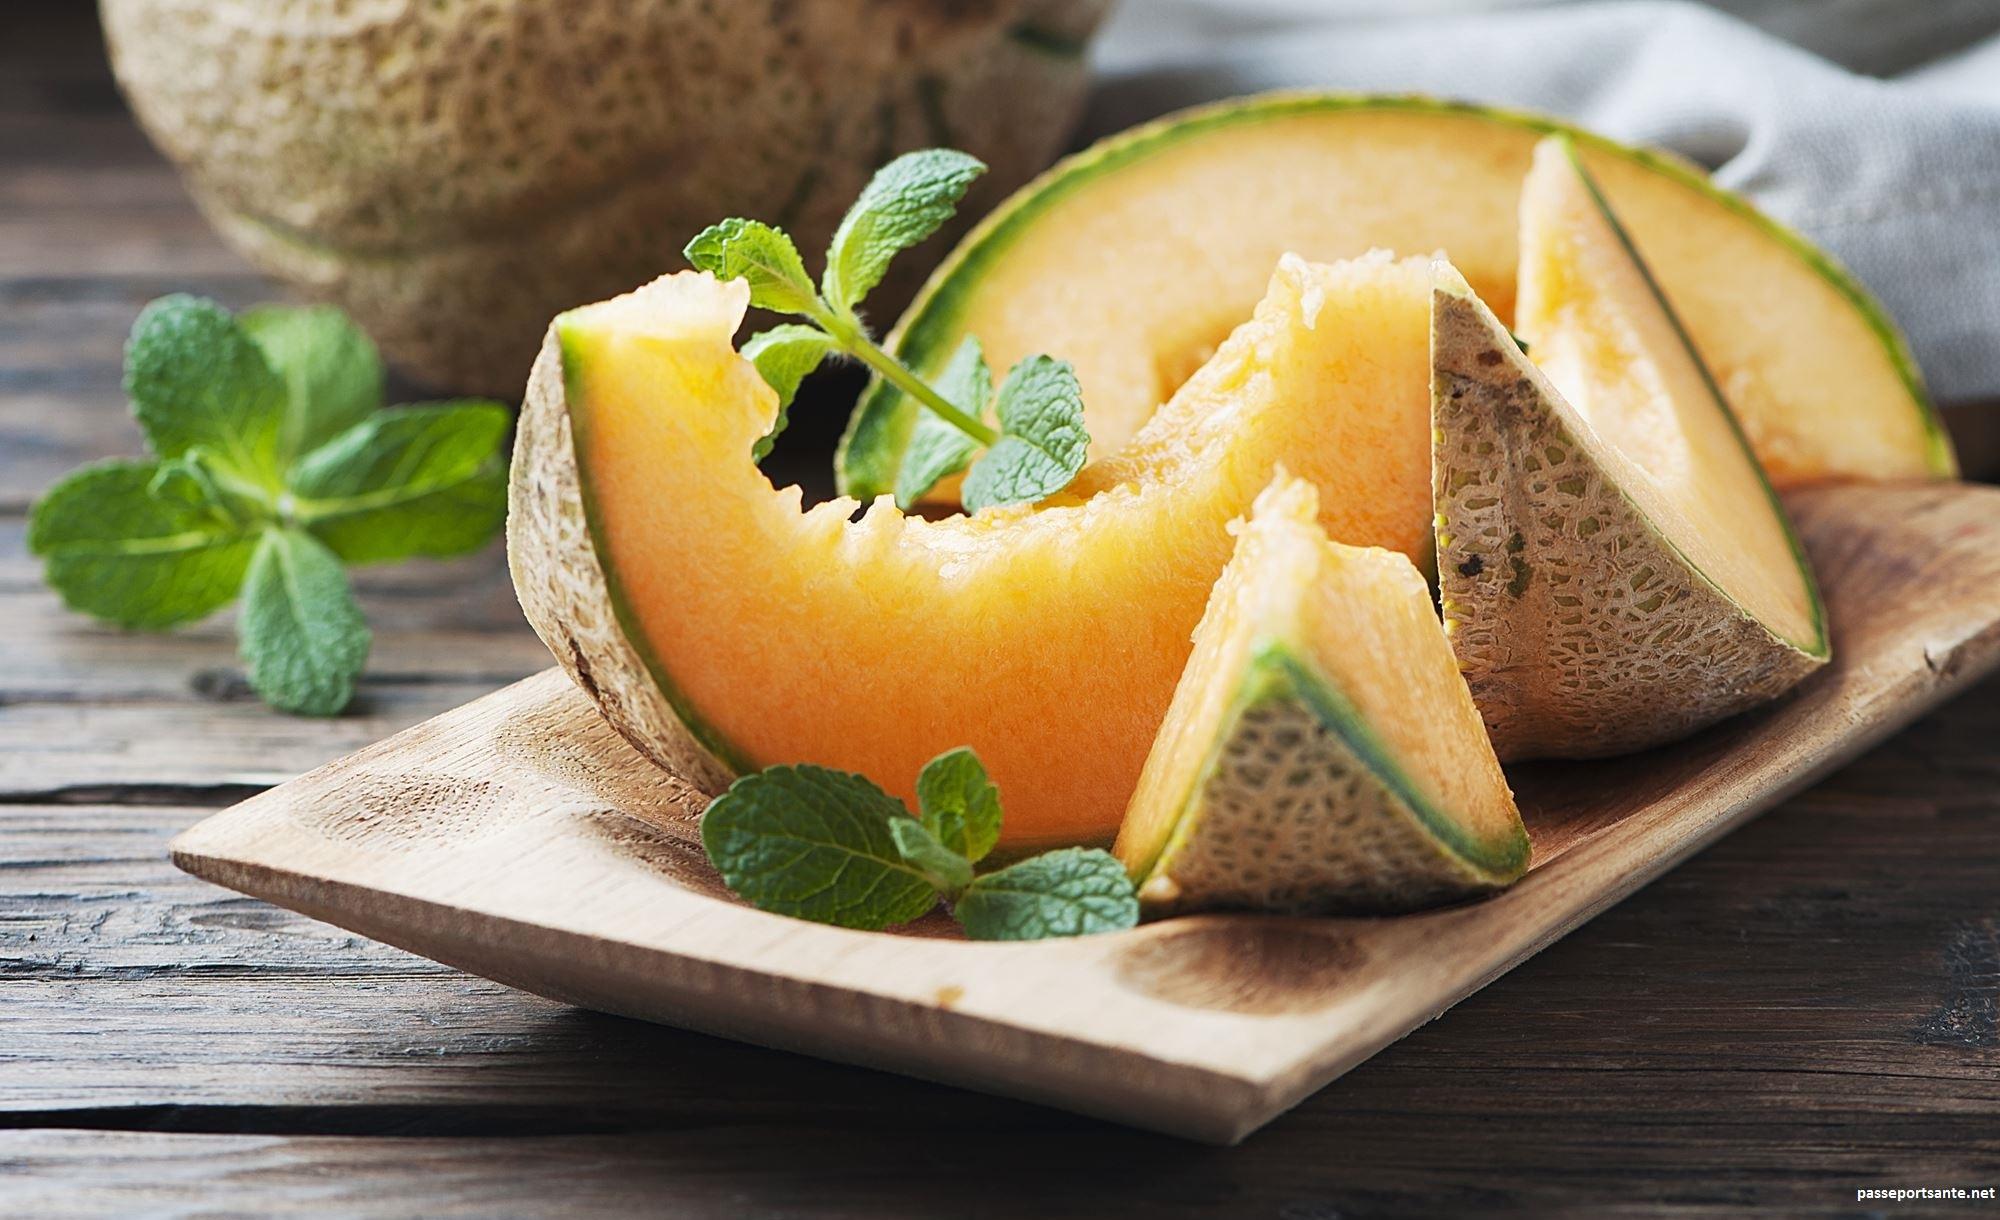 Ne cherchez plus quoi manger l'été ! Le melon se mange de plusieurs manières. Pour plus de gourmandises, n'hésitez pas à le mélanger à des plats salés.